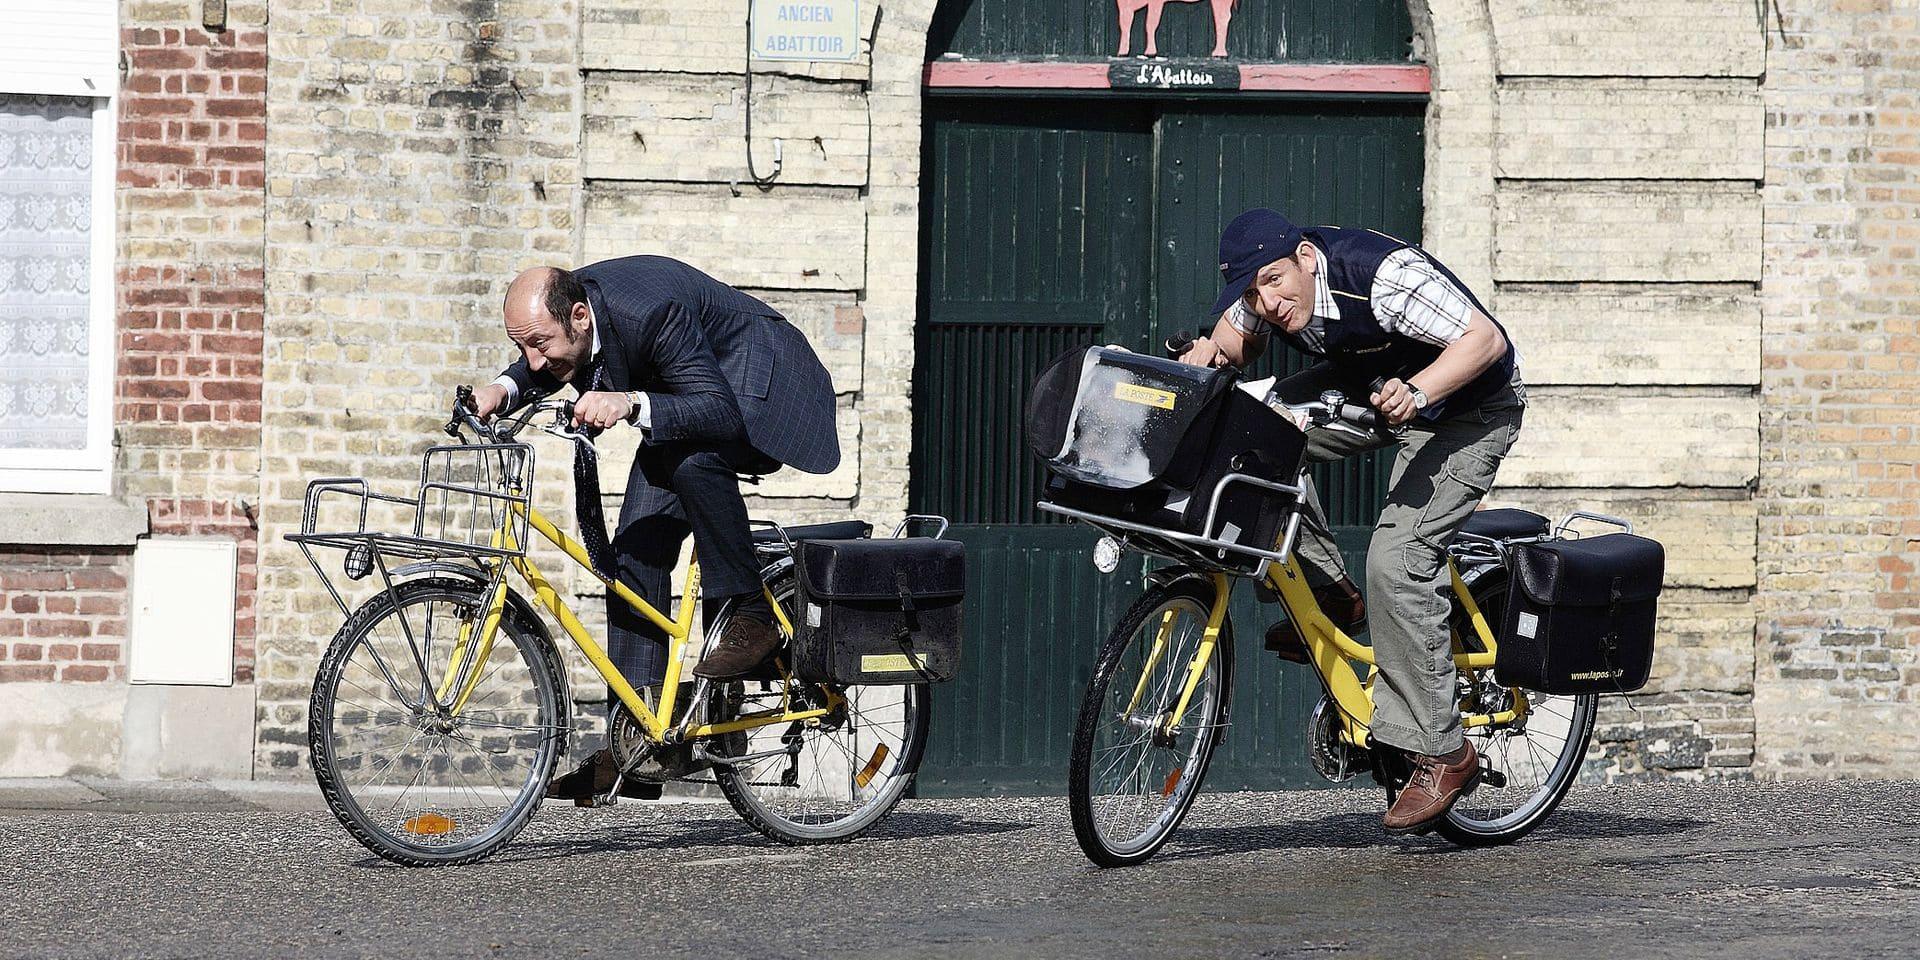 Alcool: vers une tolérance zéro pour les automobilistes... mais pas pour les cyclistes